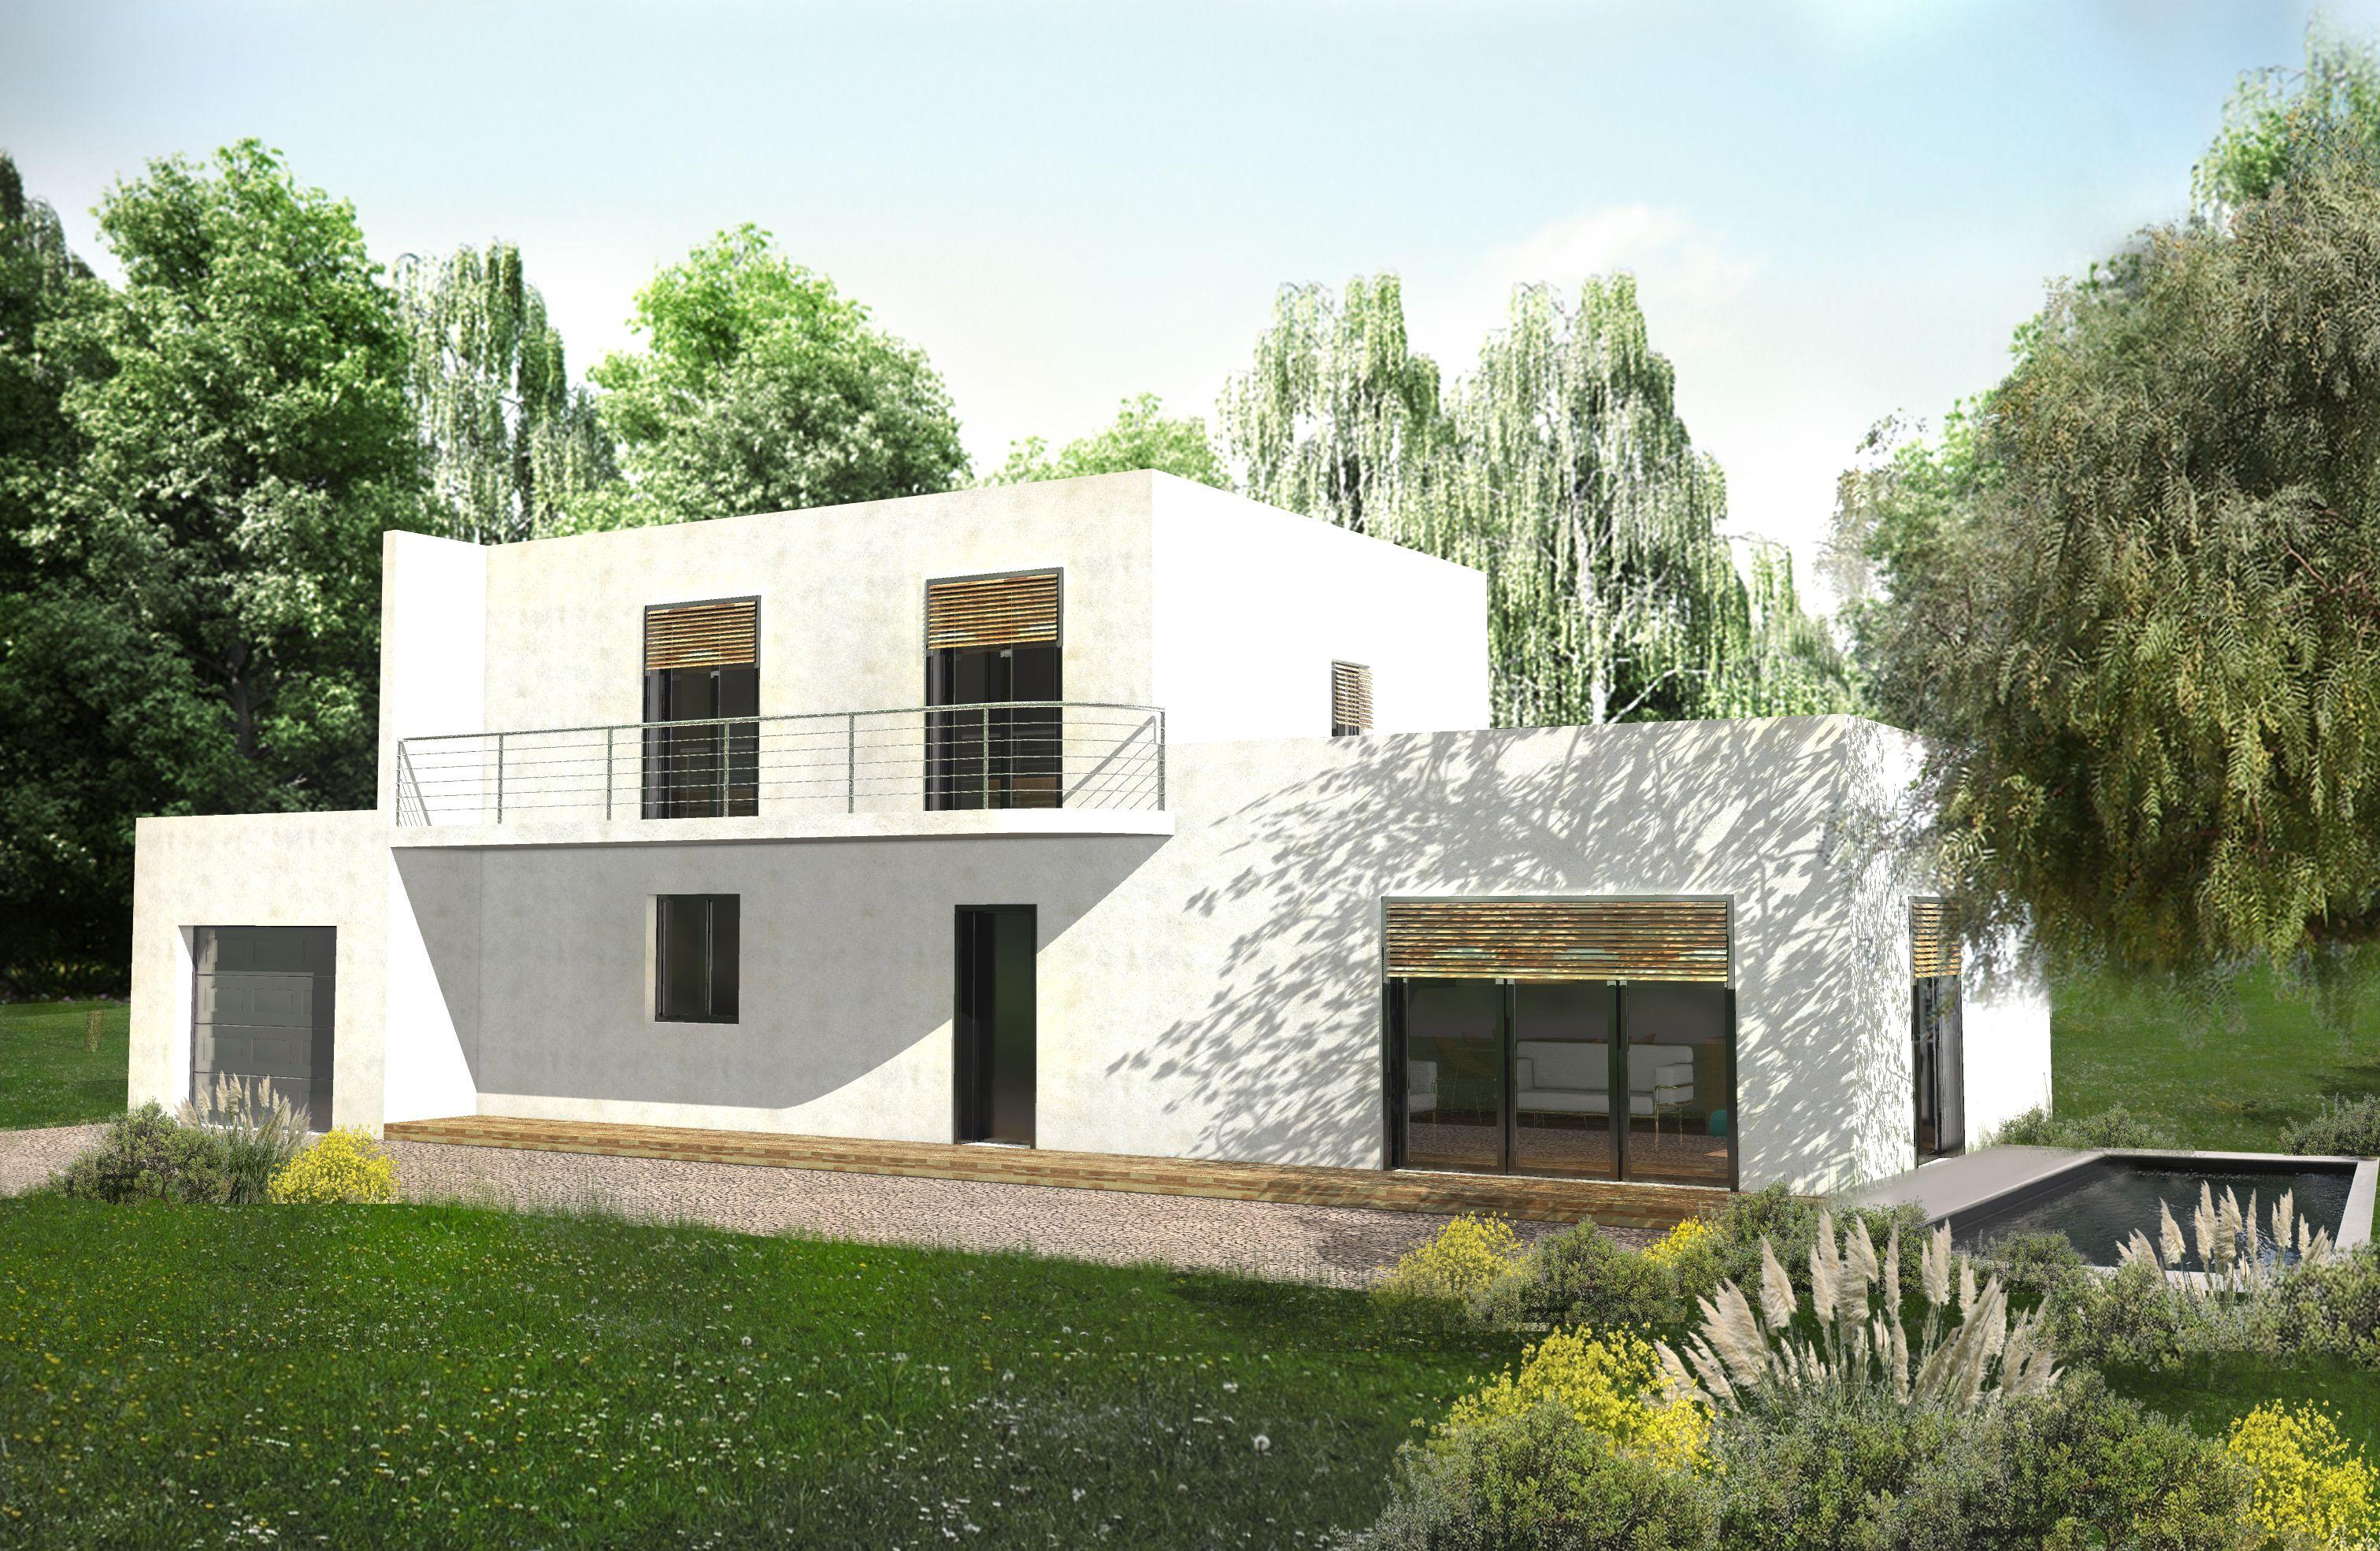 découvrez la maison hourc, maison de 128 m², elle possède une petite